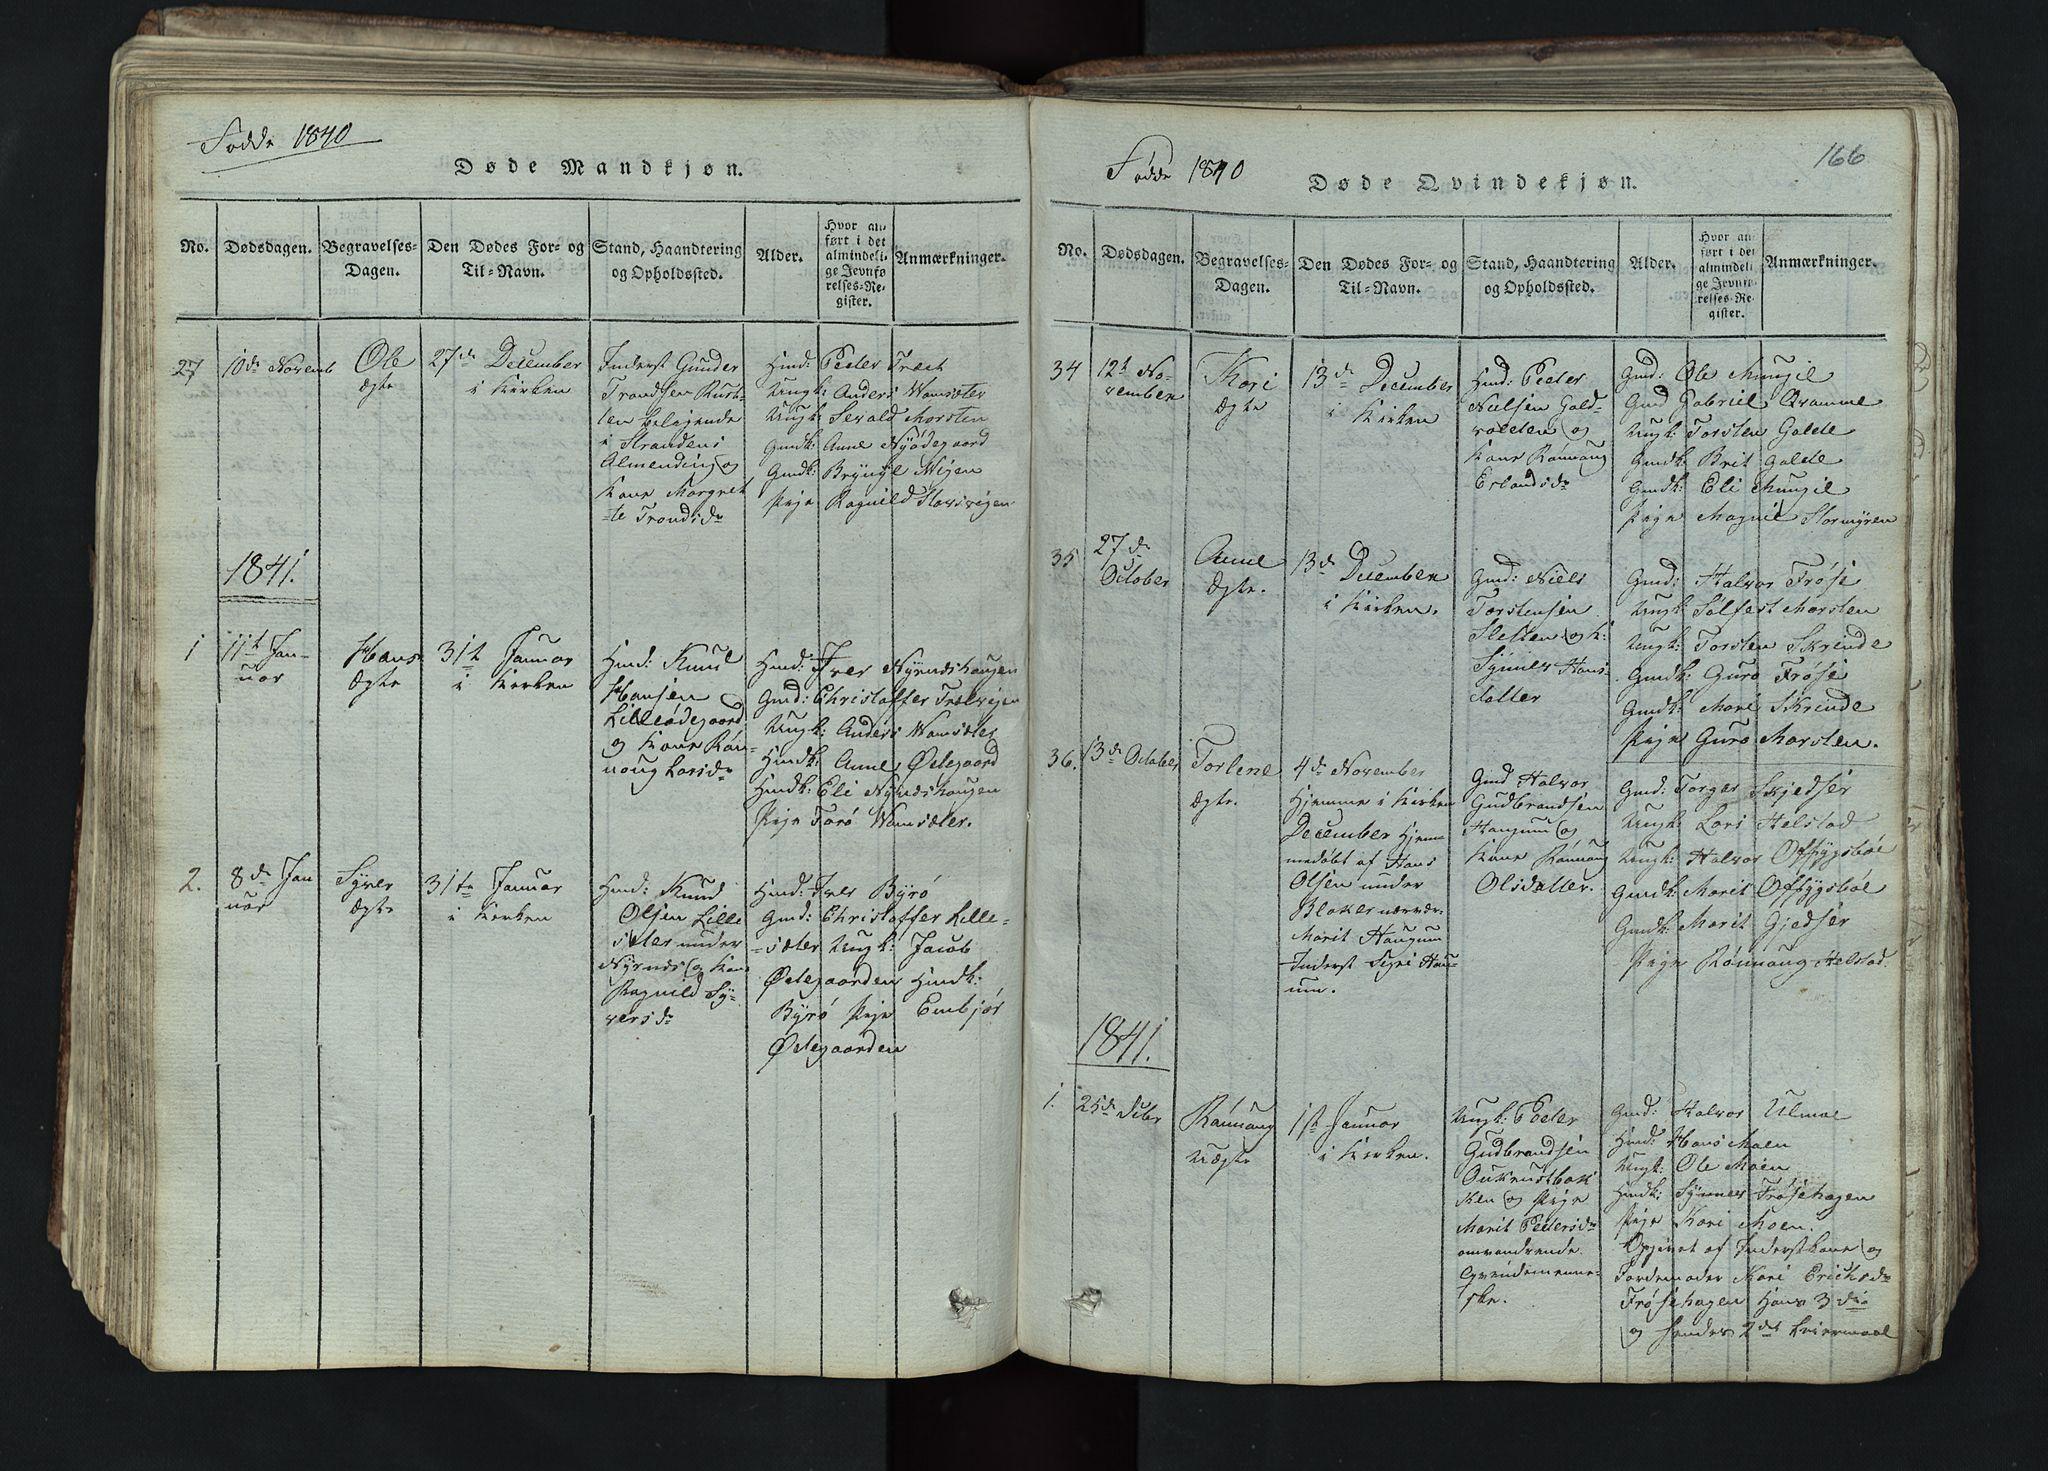 SAH, Lom prestekontor, L/L0002: Klokkerbok nr. 2, 1815-1844, s. 166